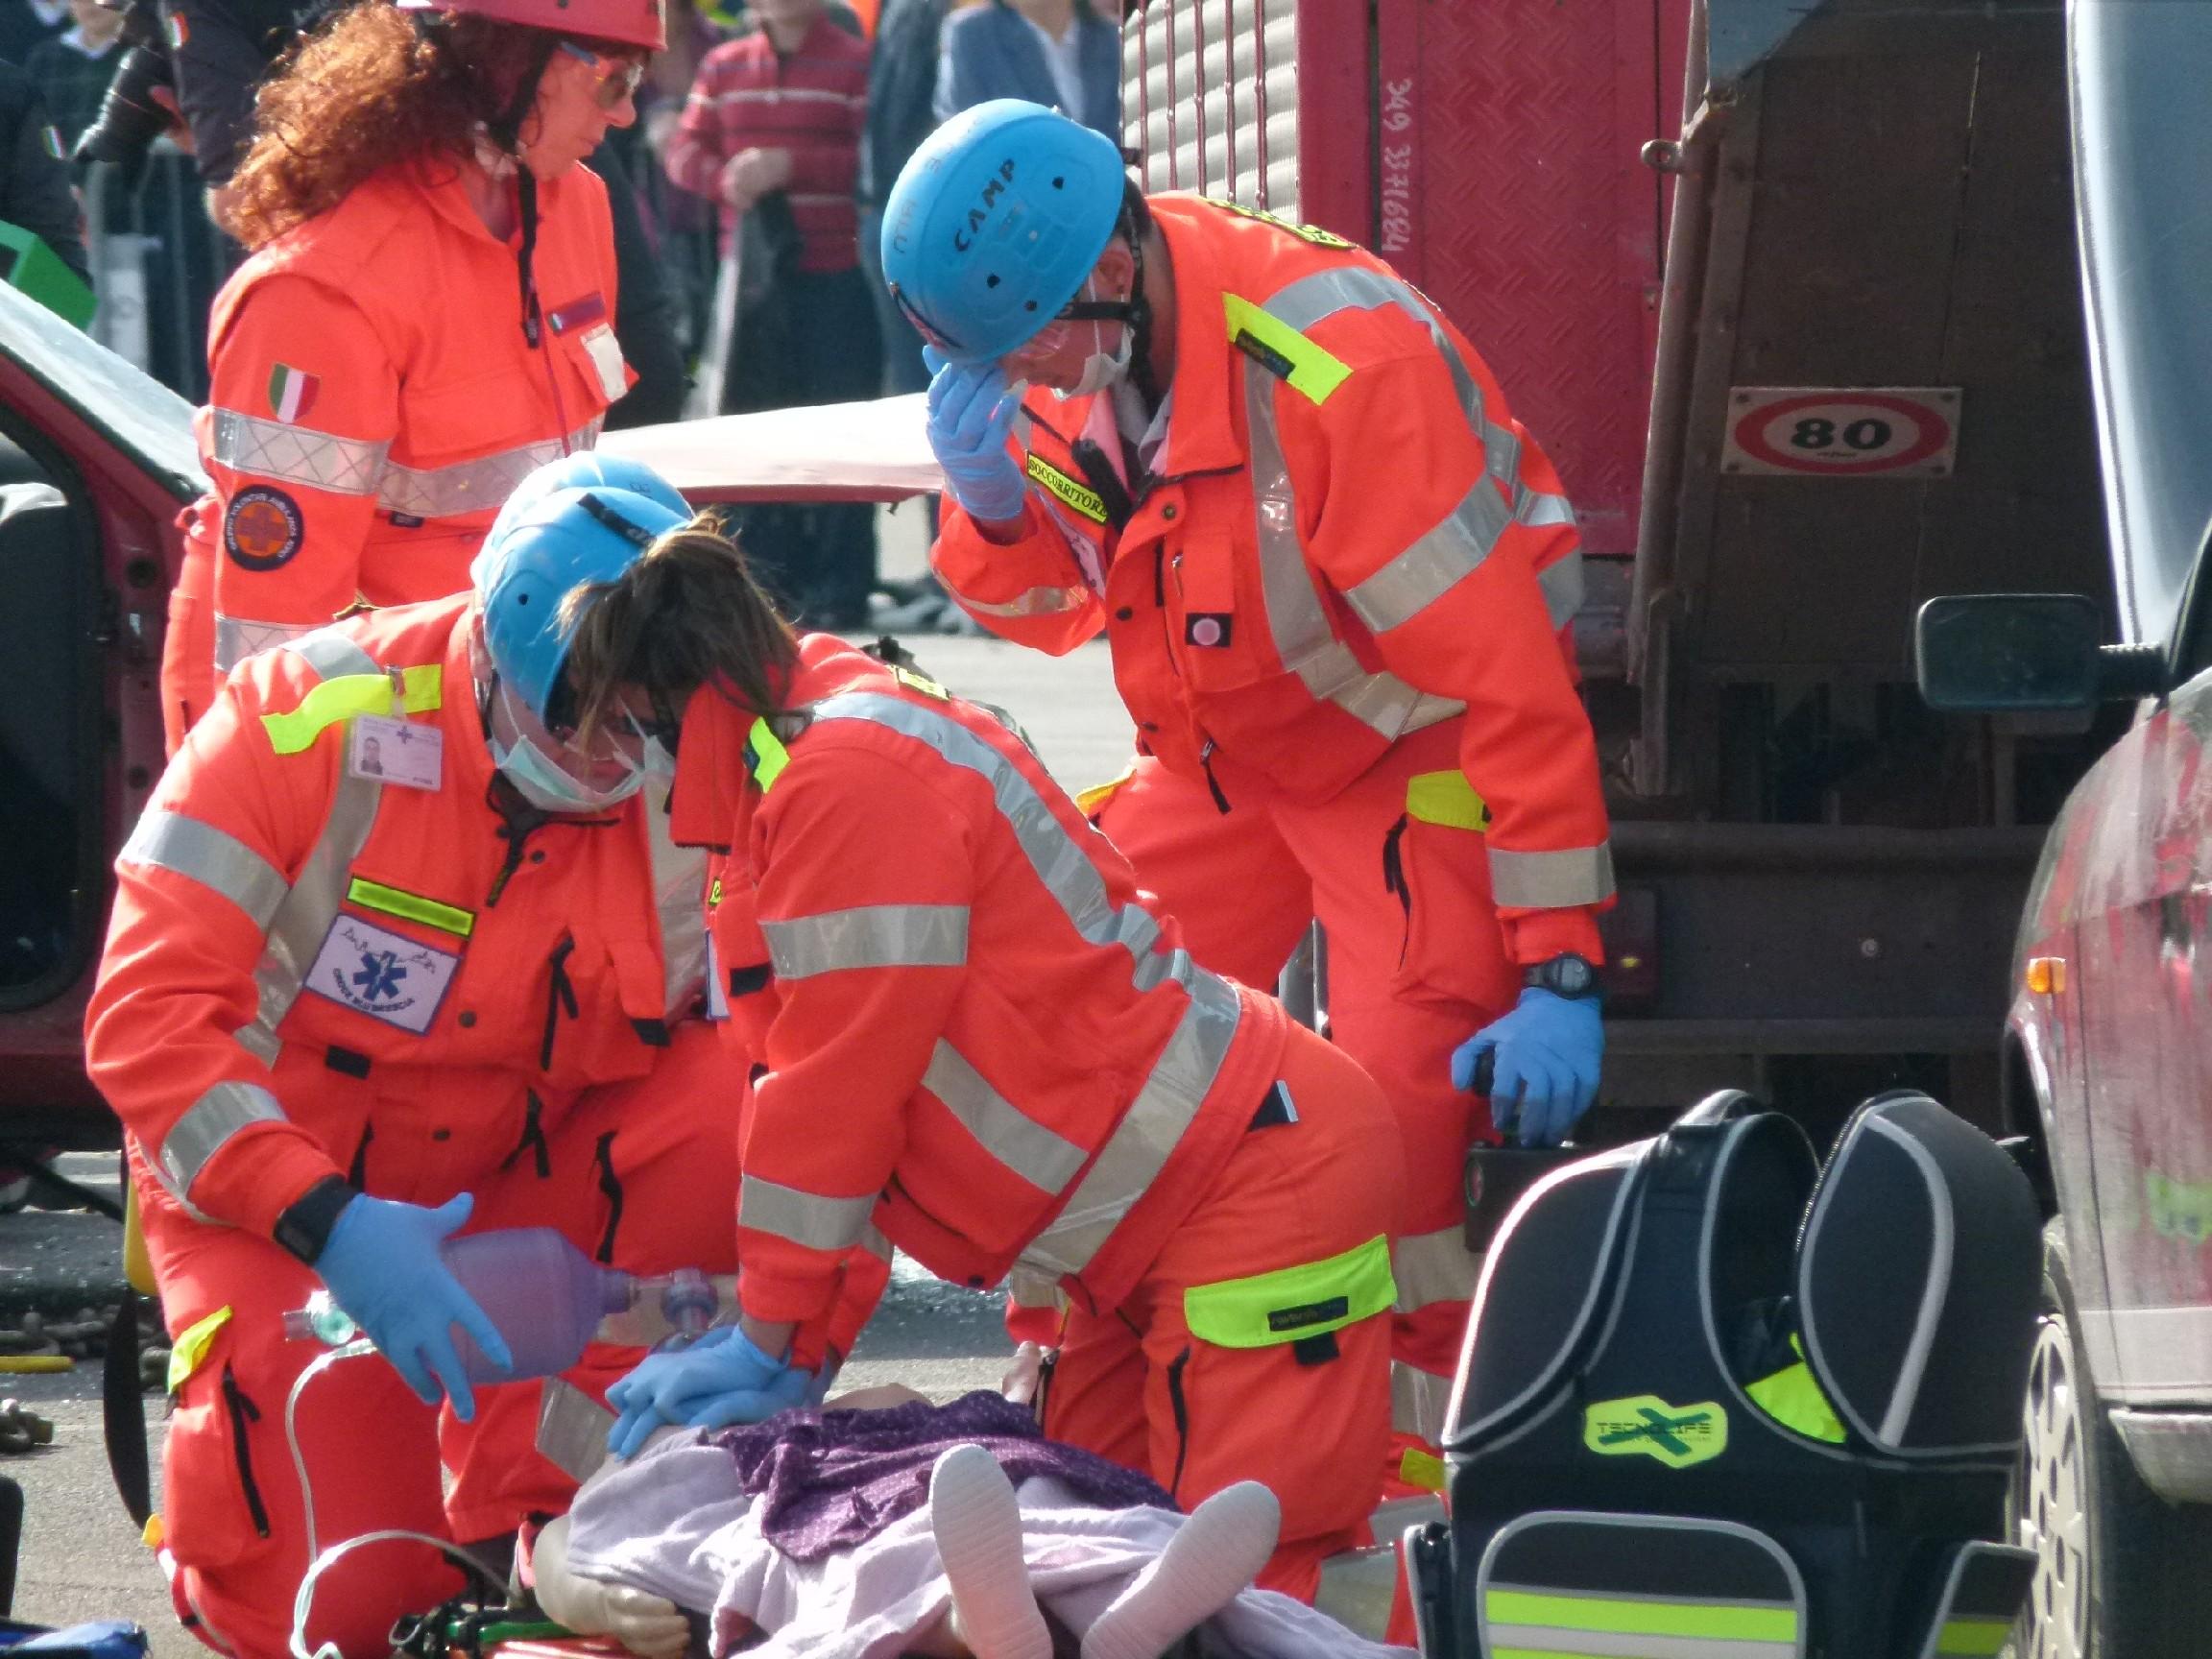 Milano,_fuga_di_gas_in_un_hotel__evacuate_142_persone,_15_in_ospedale